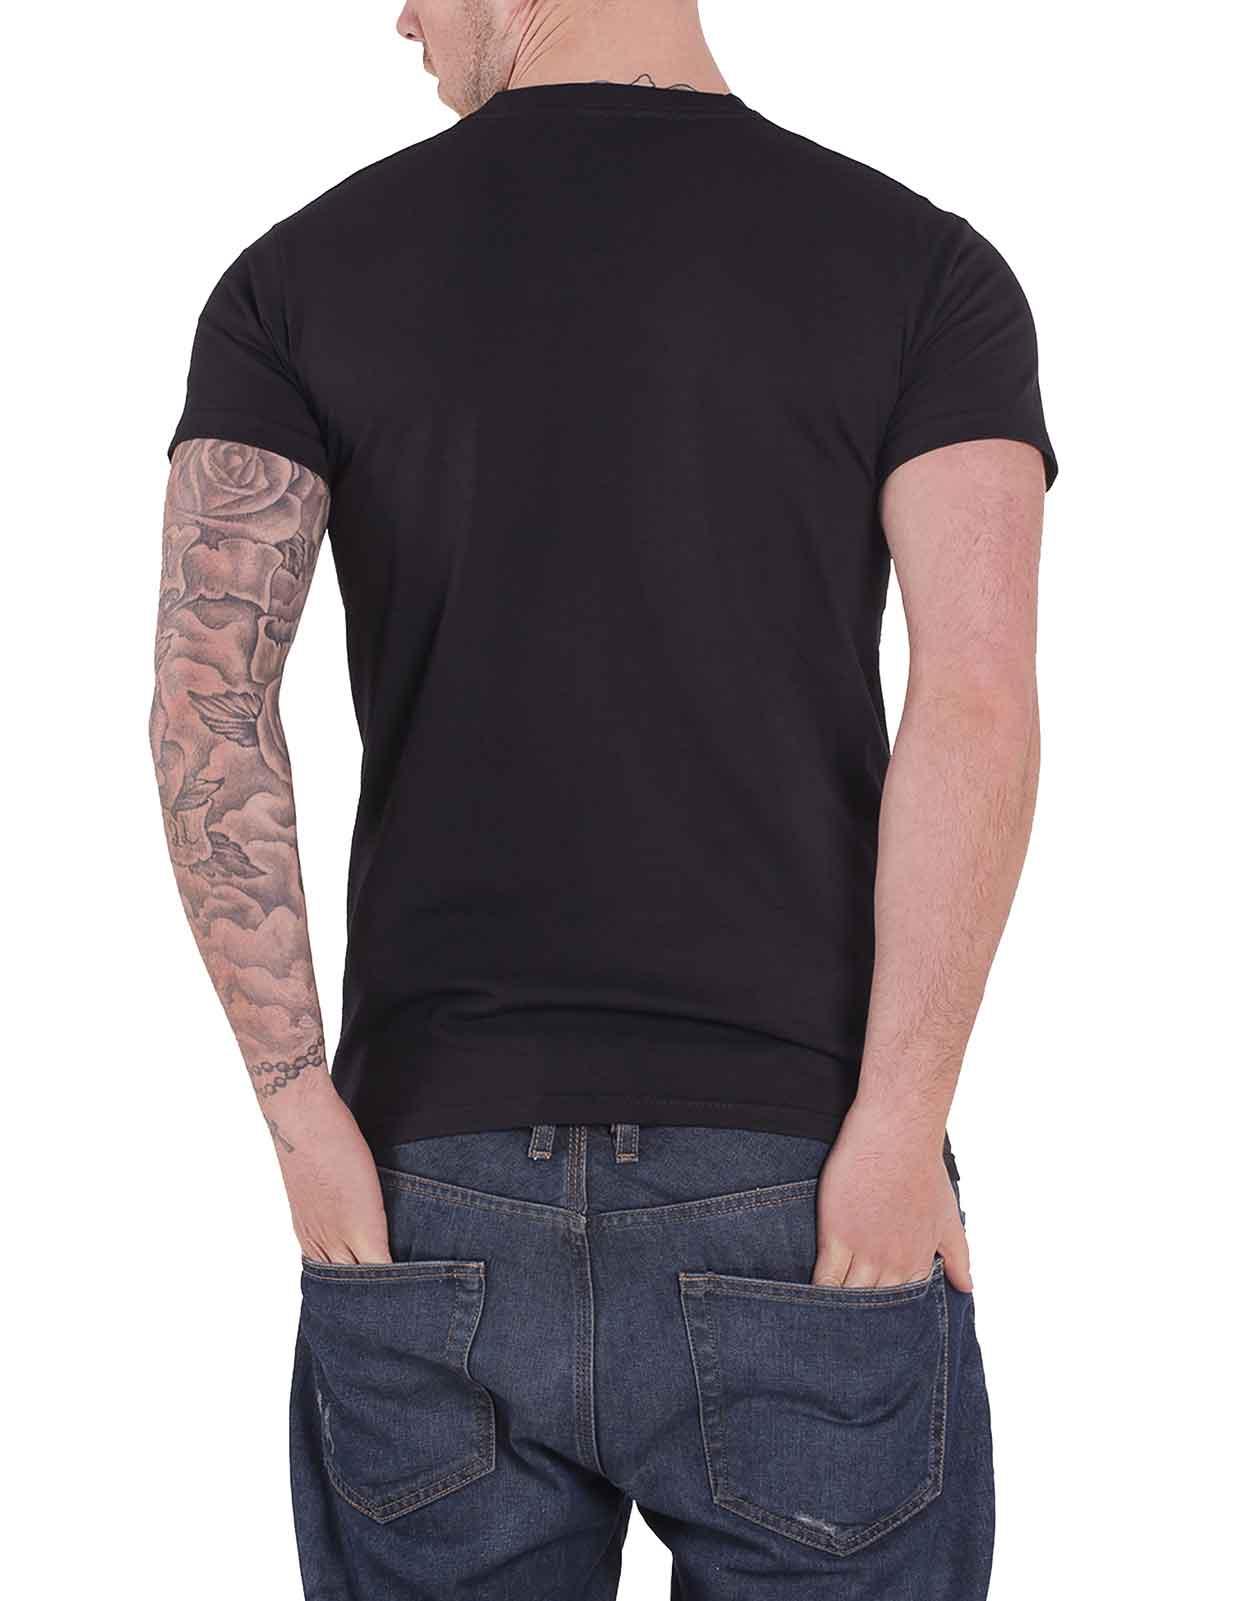 Rick-and-Morty-T-Shirt-Pickle-Rick-Portail-spirale-Wubba-Lubba-nouveau-officiel-Homme miniature 5